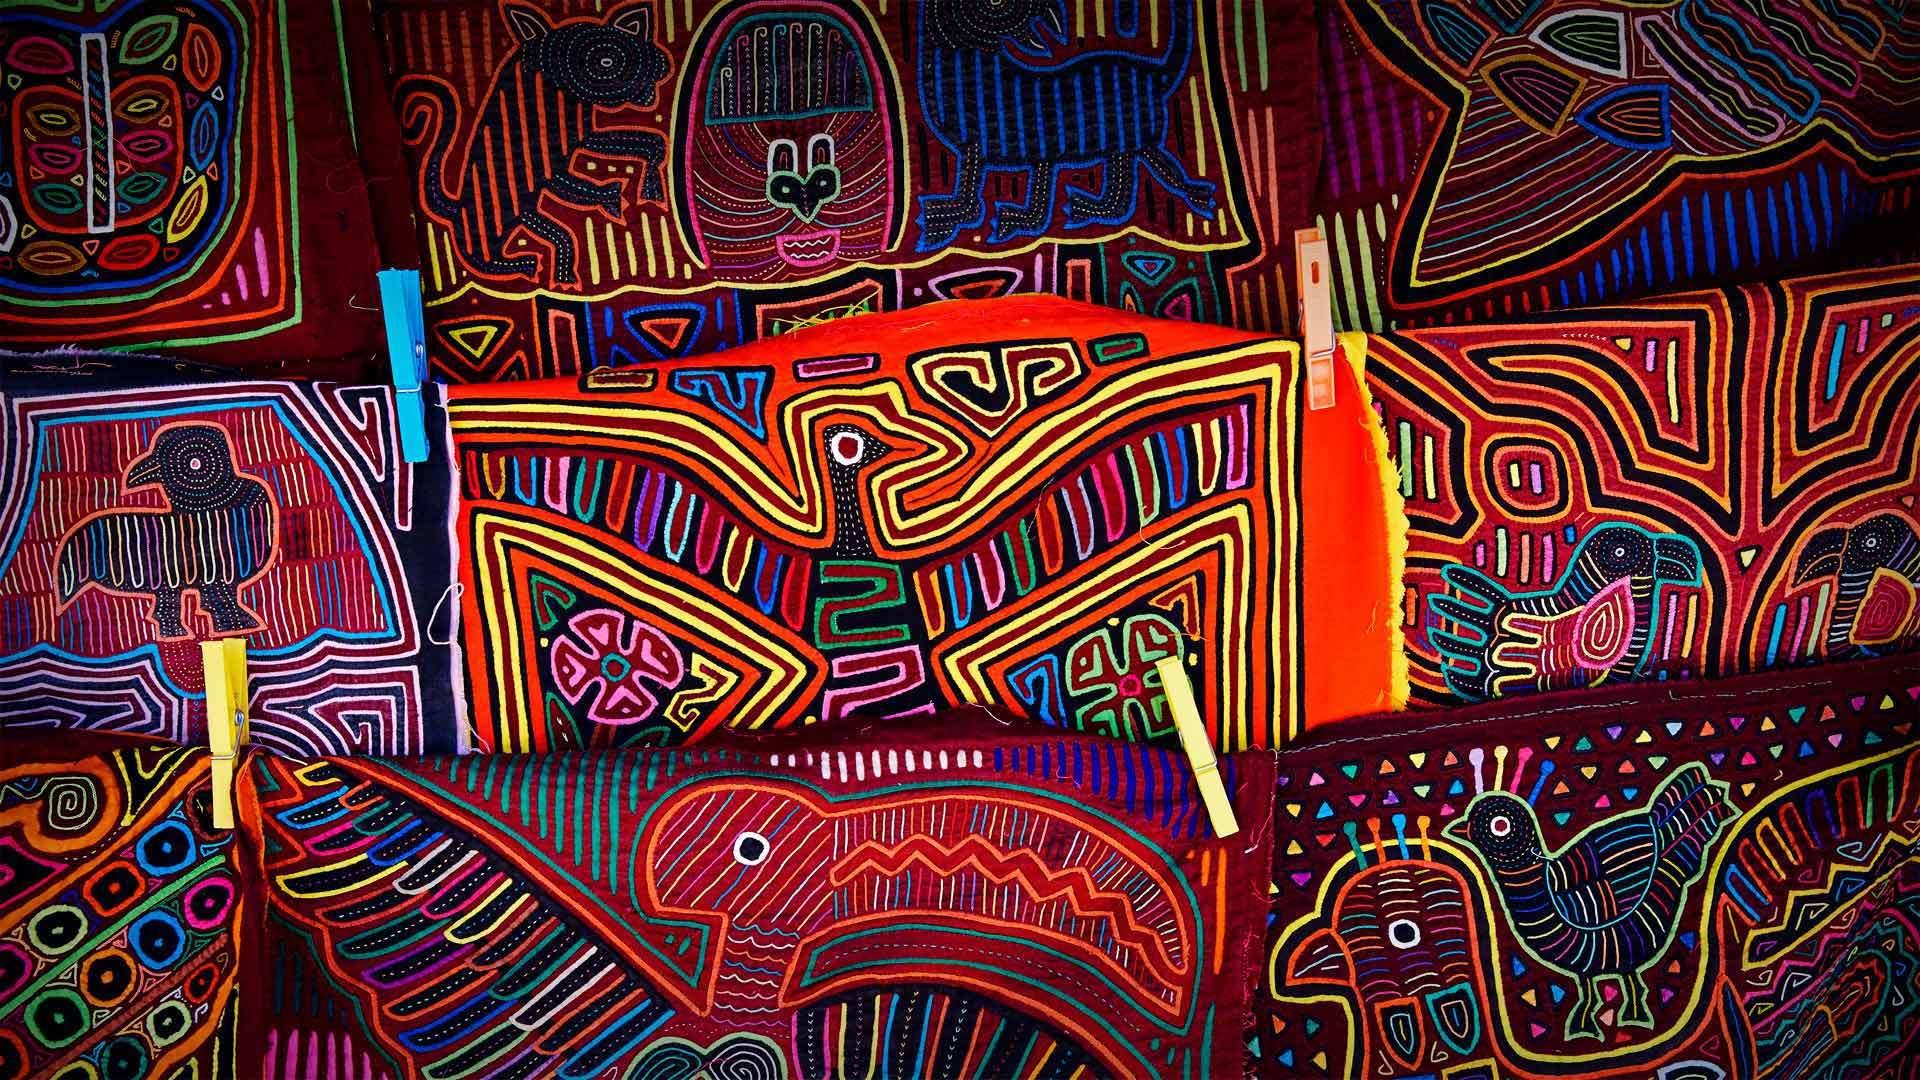 库纳族人的手工艺品库纳族